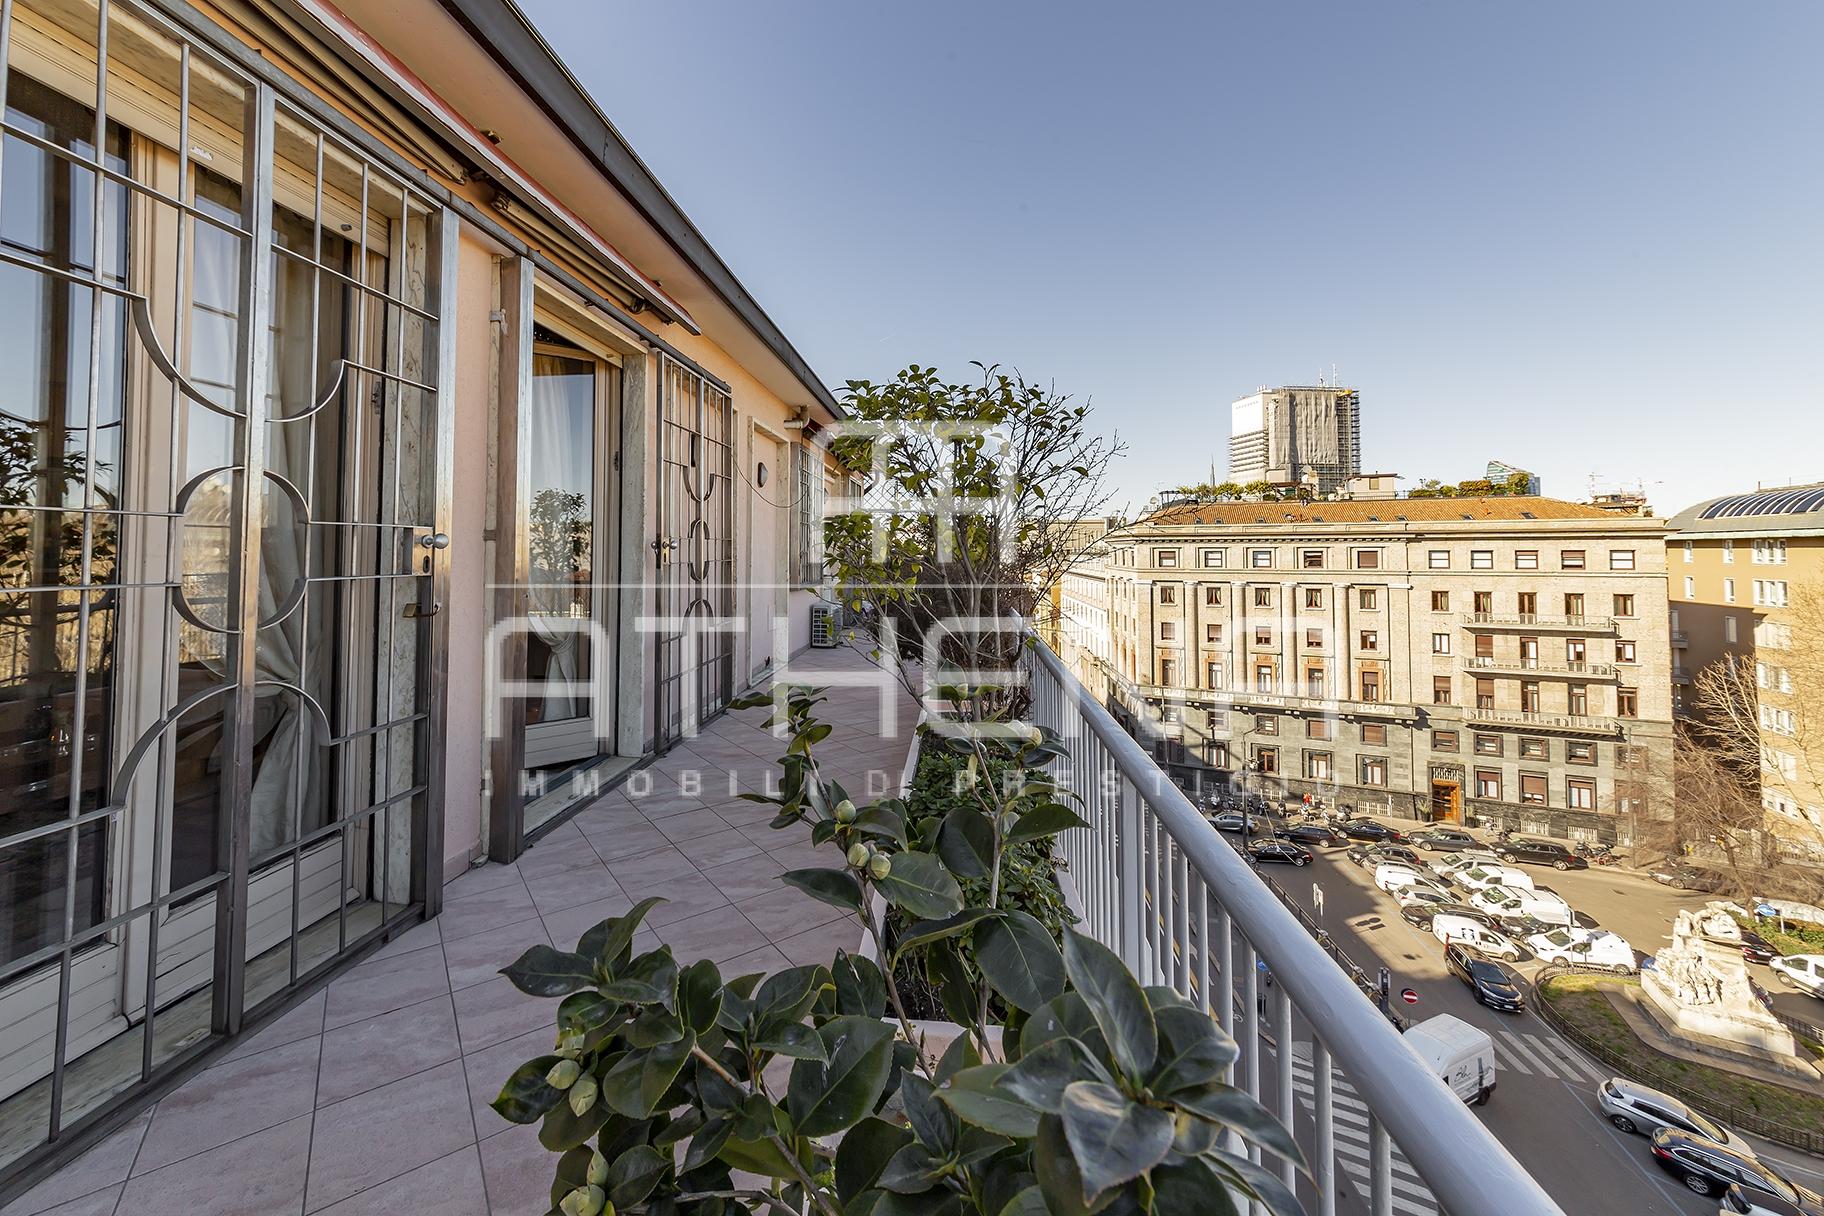 Immobiliare Sant Andrea Concorezzo home - studio immobiliare athena